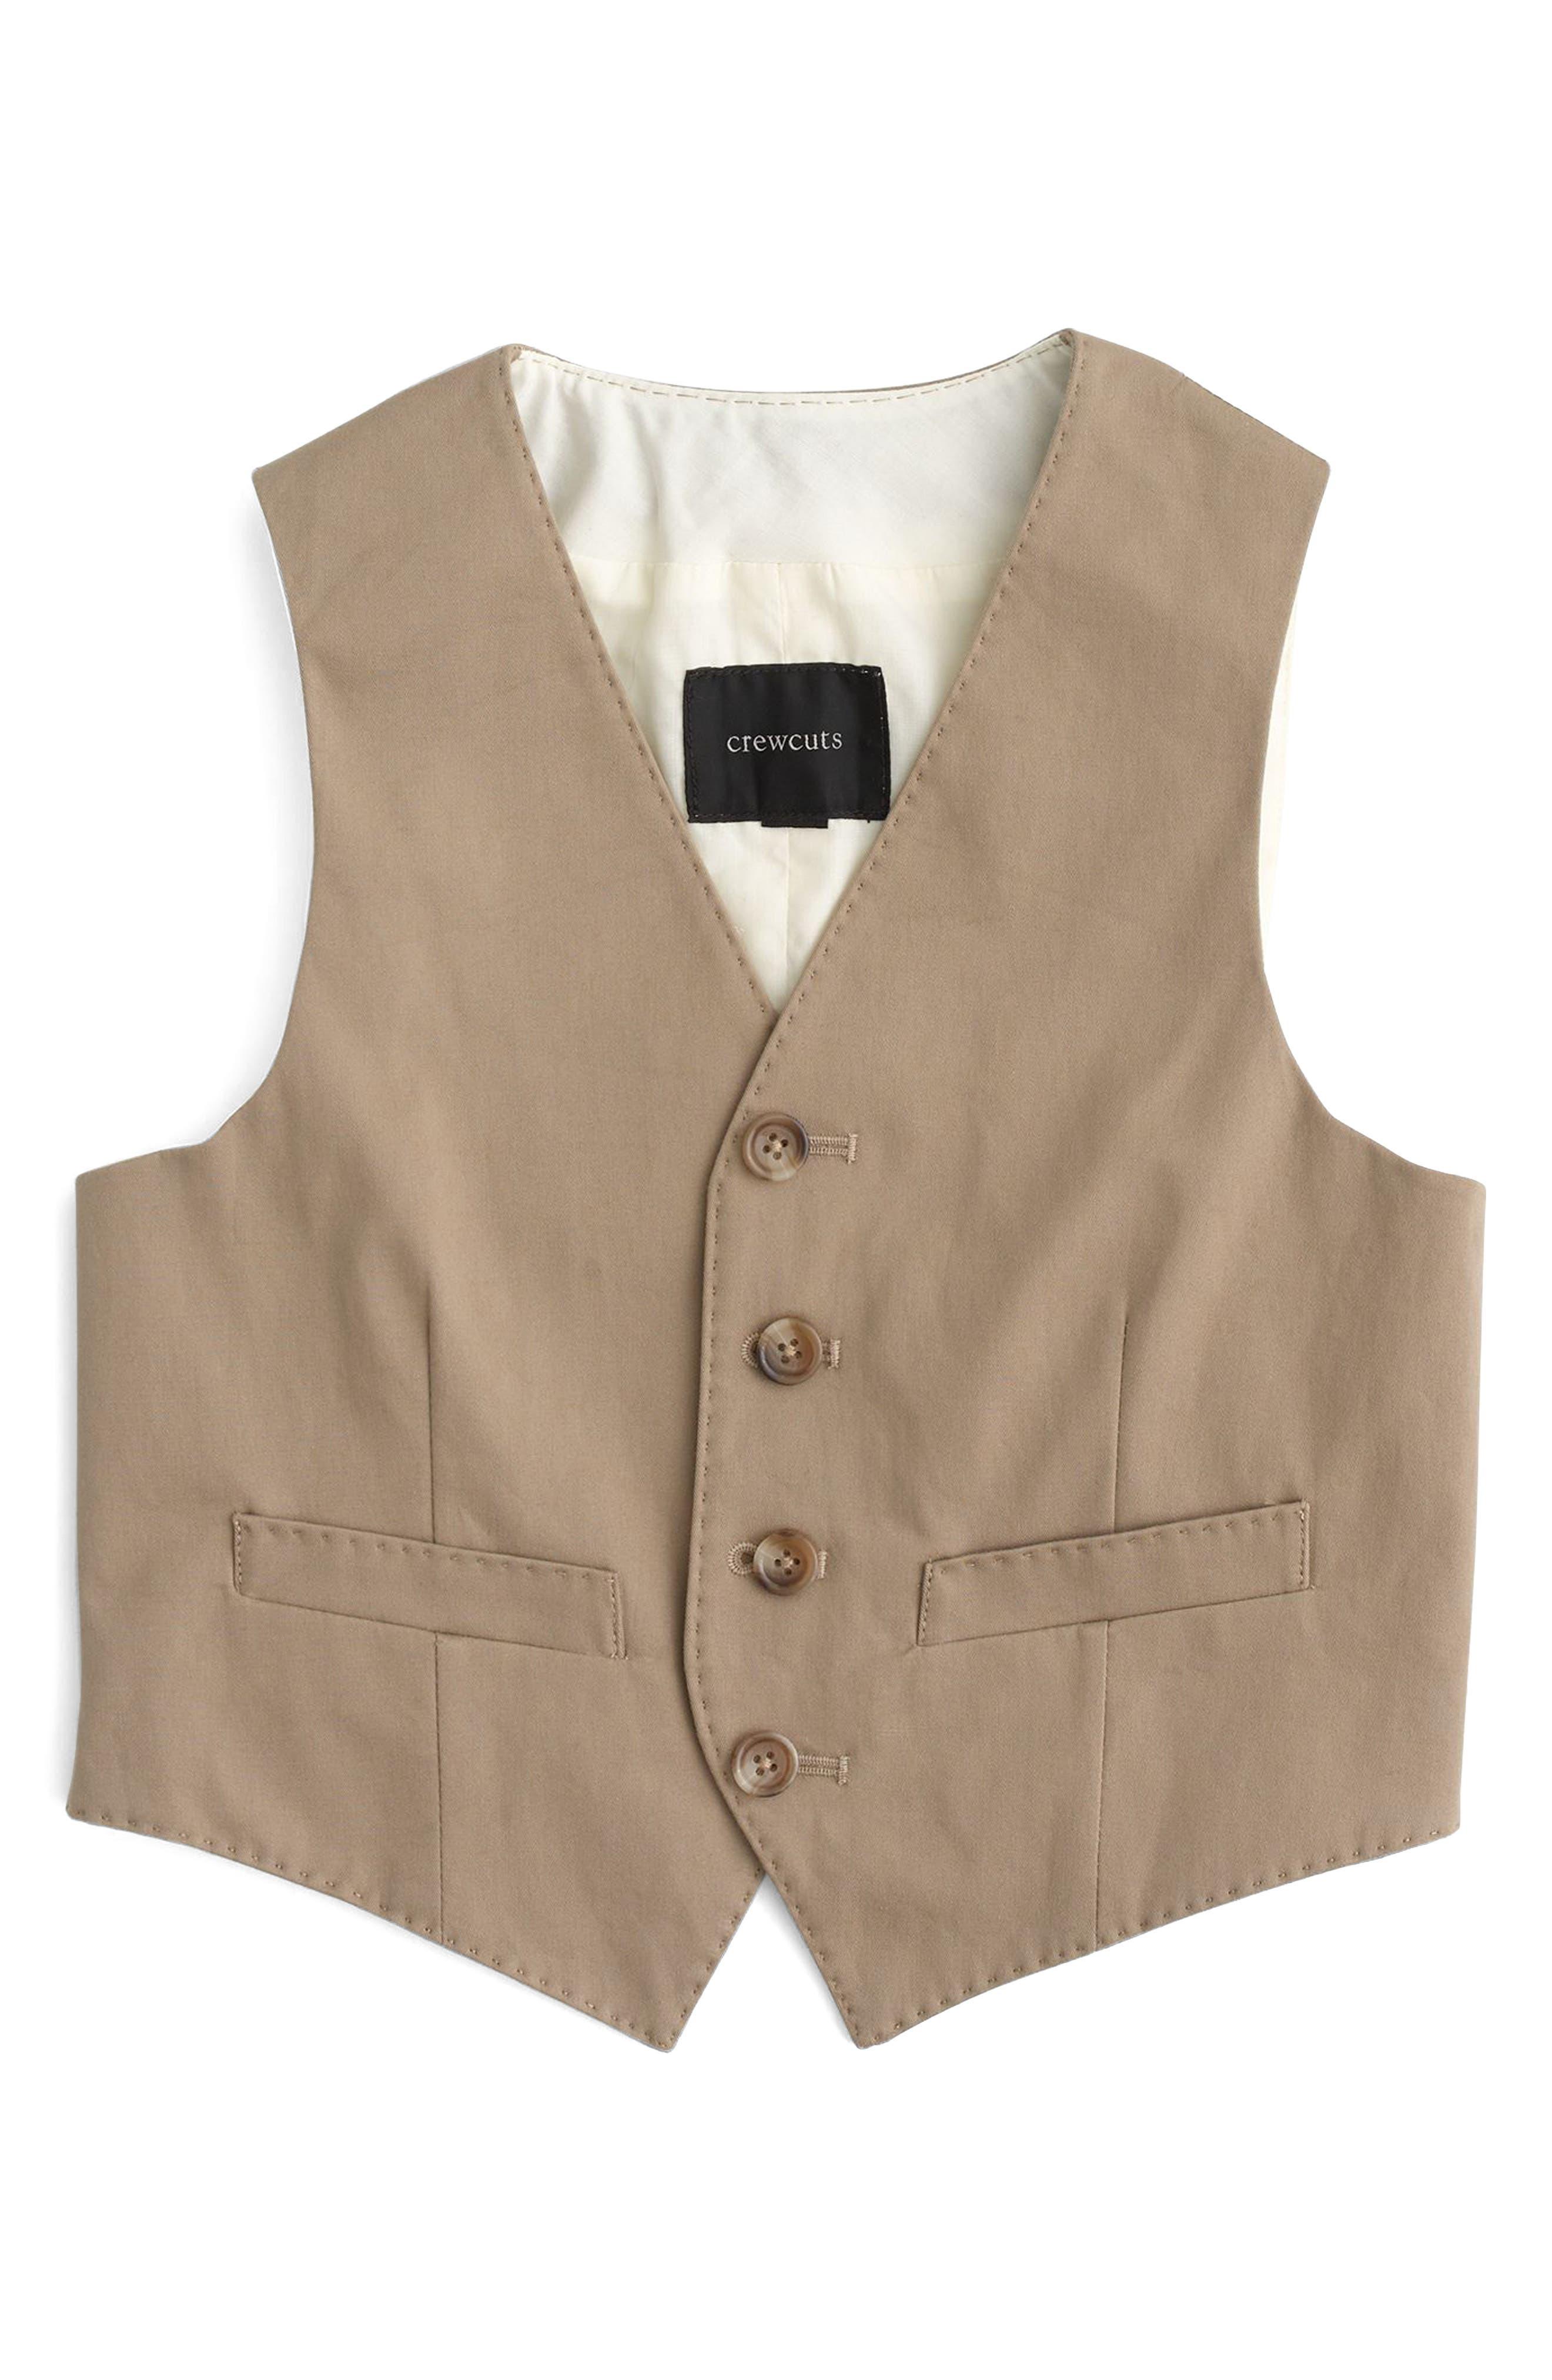 crewcuts by J.Crew Ludlow Suit Vest (Toddler Boys, Little Boys & Big Boys)